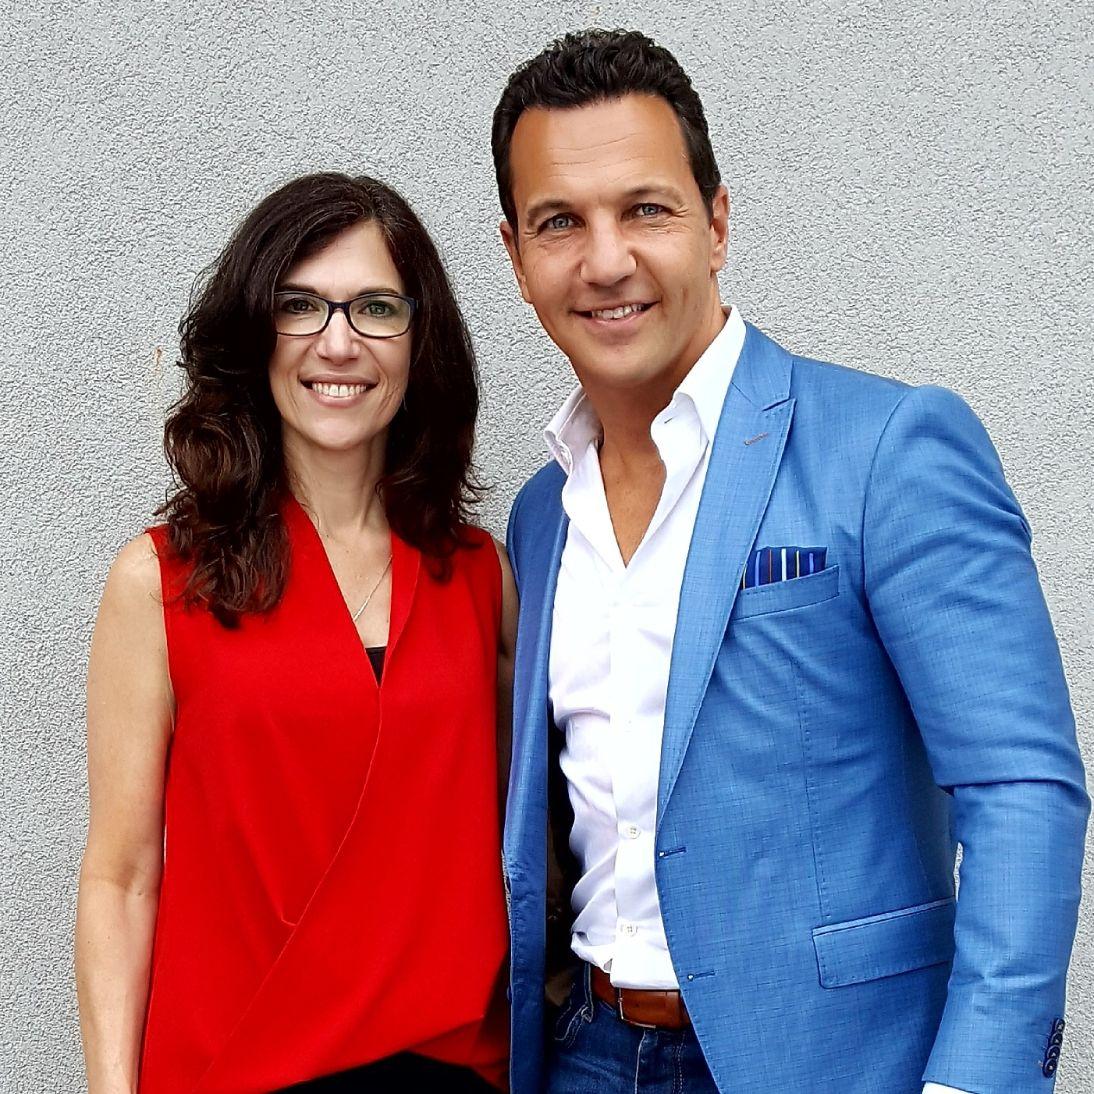 Marcello Pedalino and Deirdre Breckenridge at Sushi Lounge